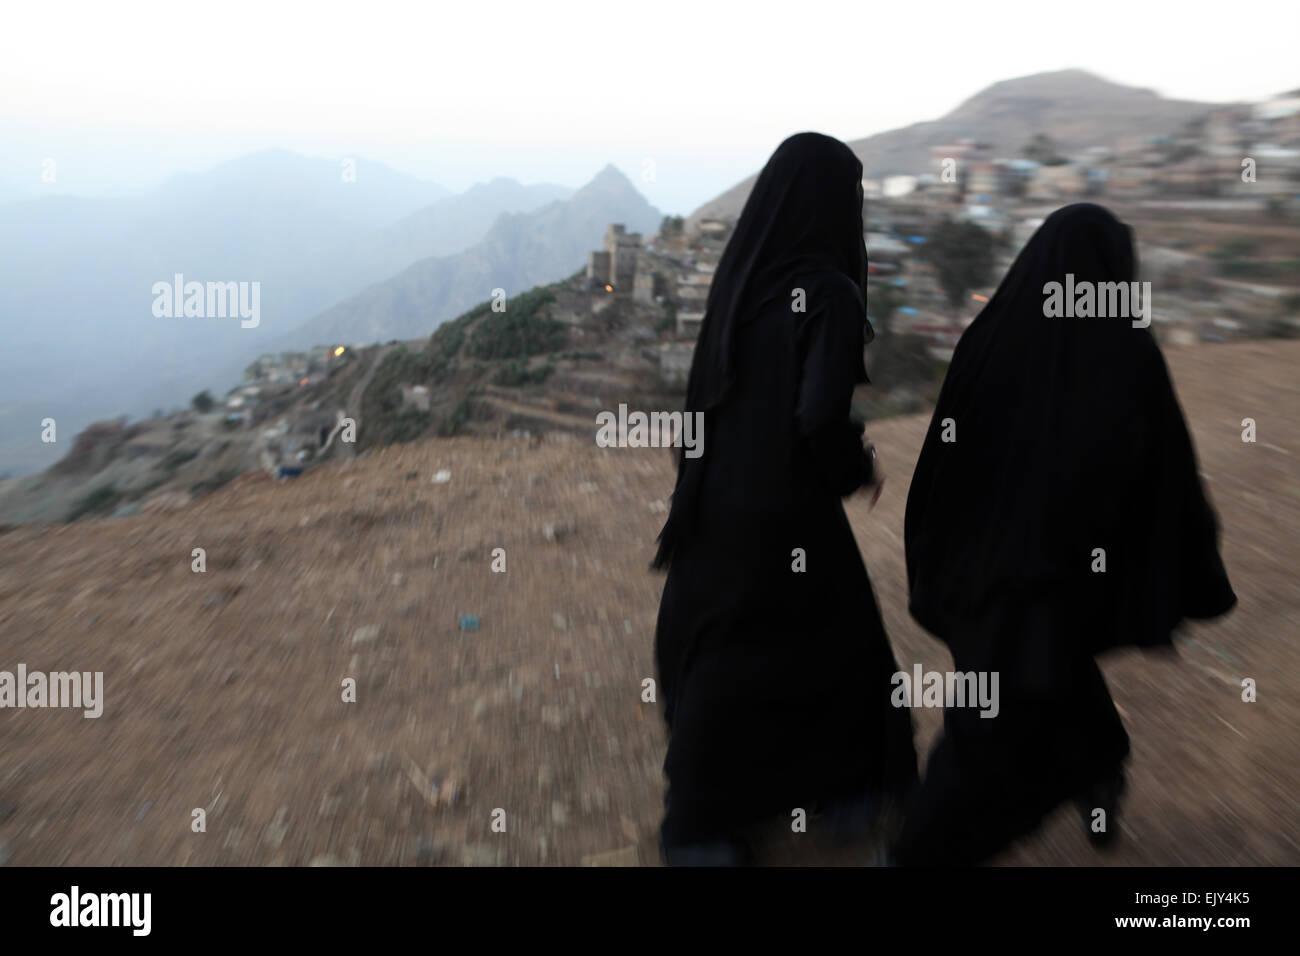 Women walking in Al Manakha, Yemen. - Stock Image